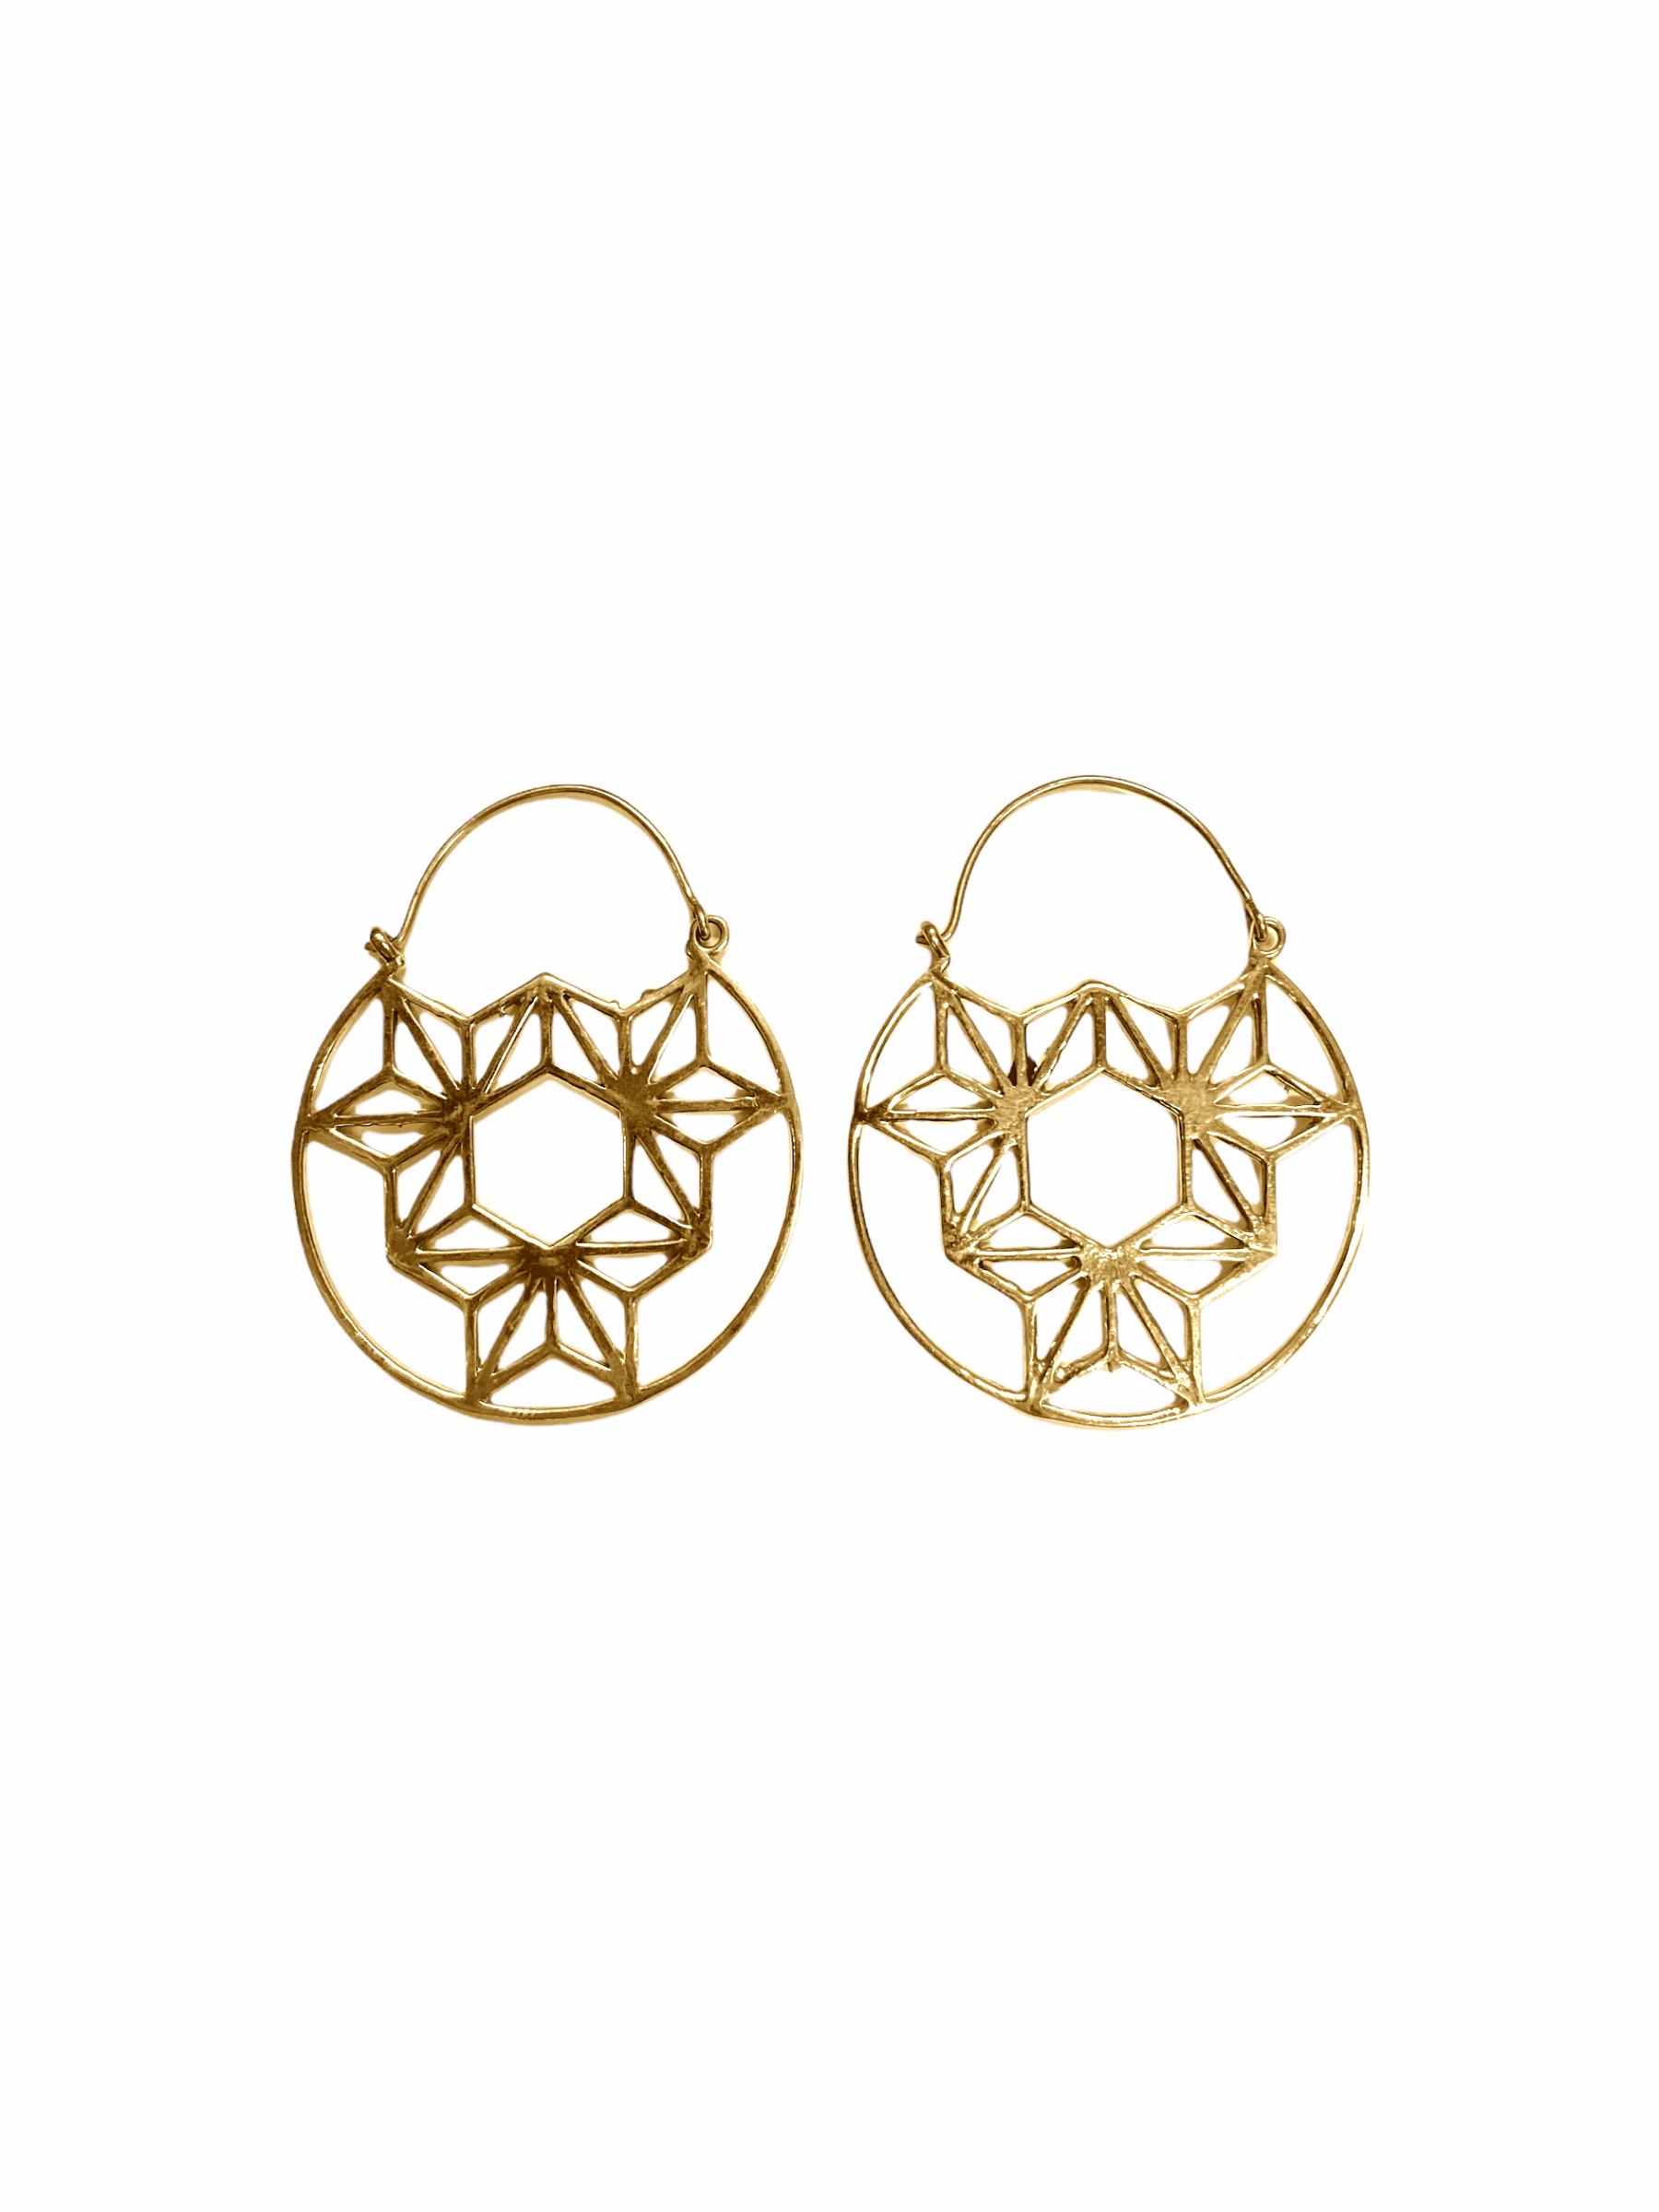 Σκουλαρίκια Χειροποίητα Ethnic Σε Χρυσό Χρώμα